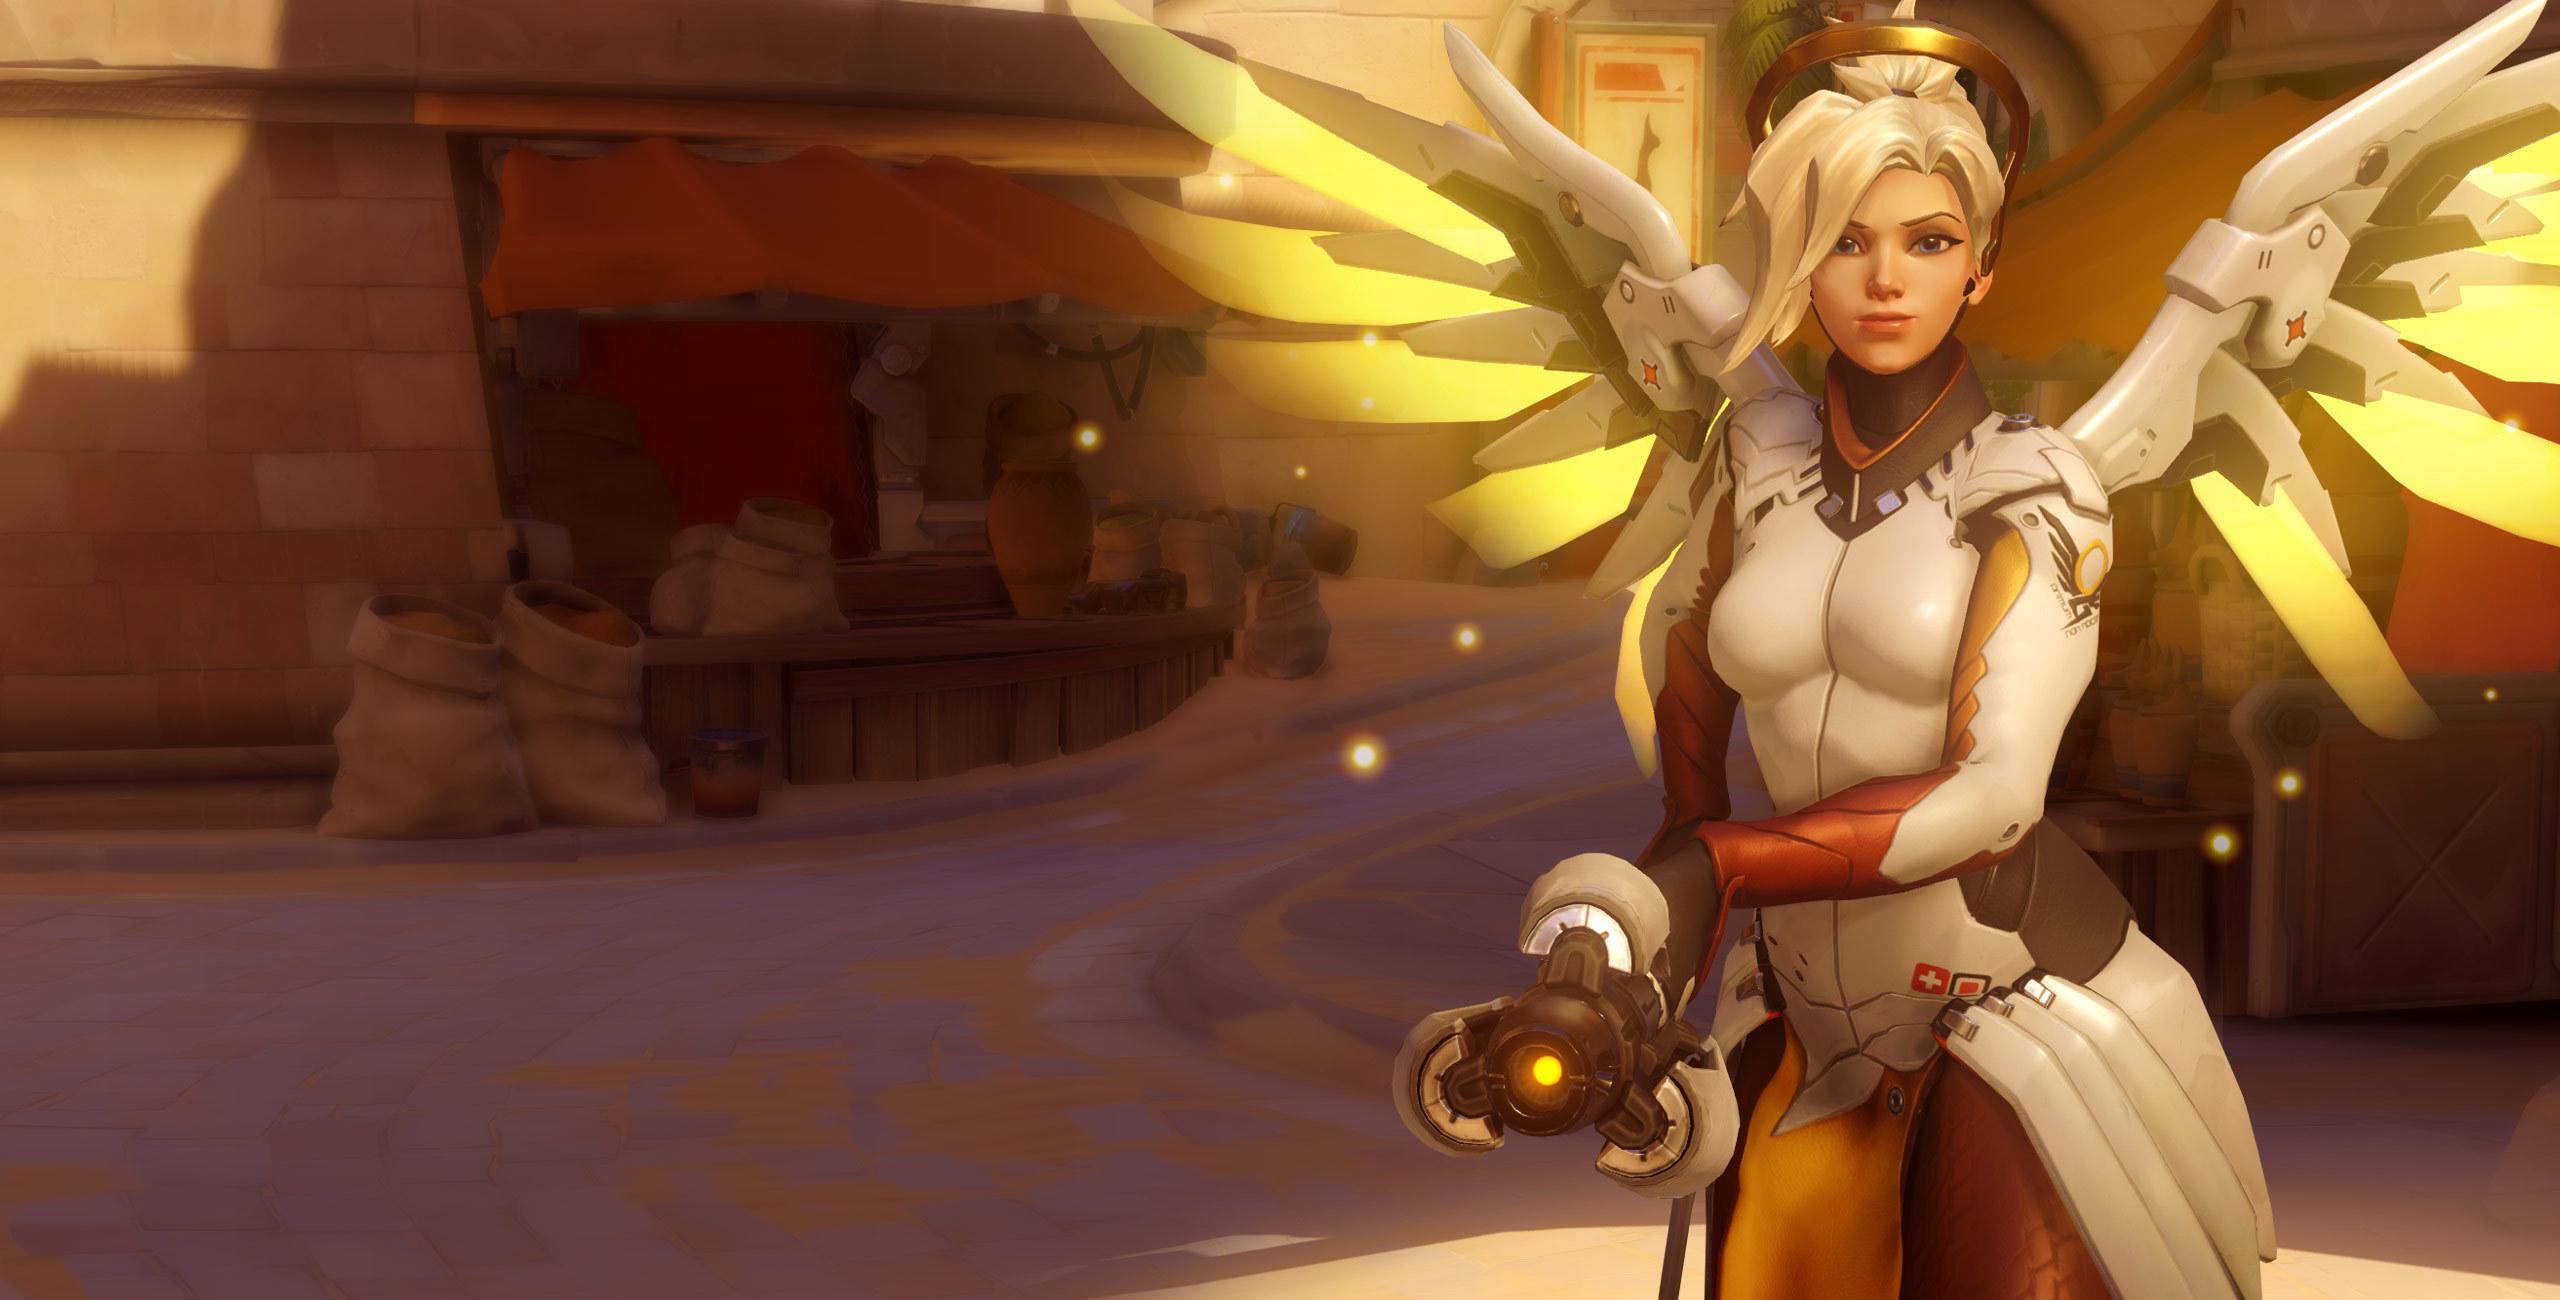 《守望先锋》玩家写信想娶天使